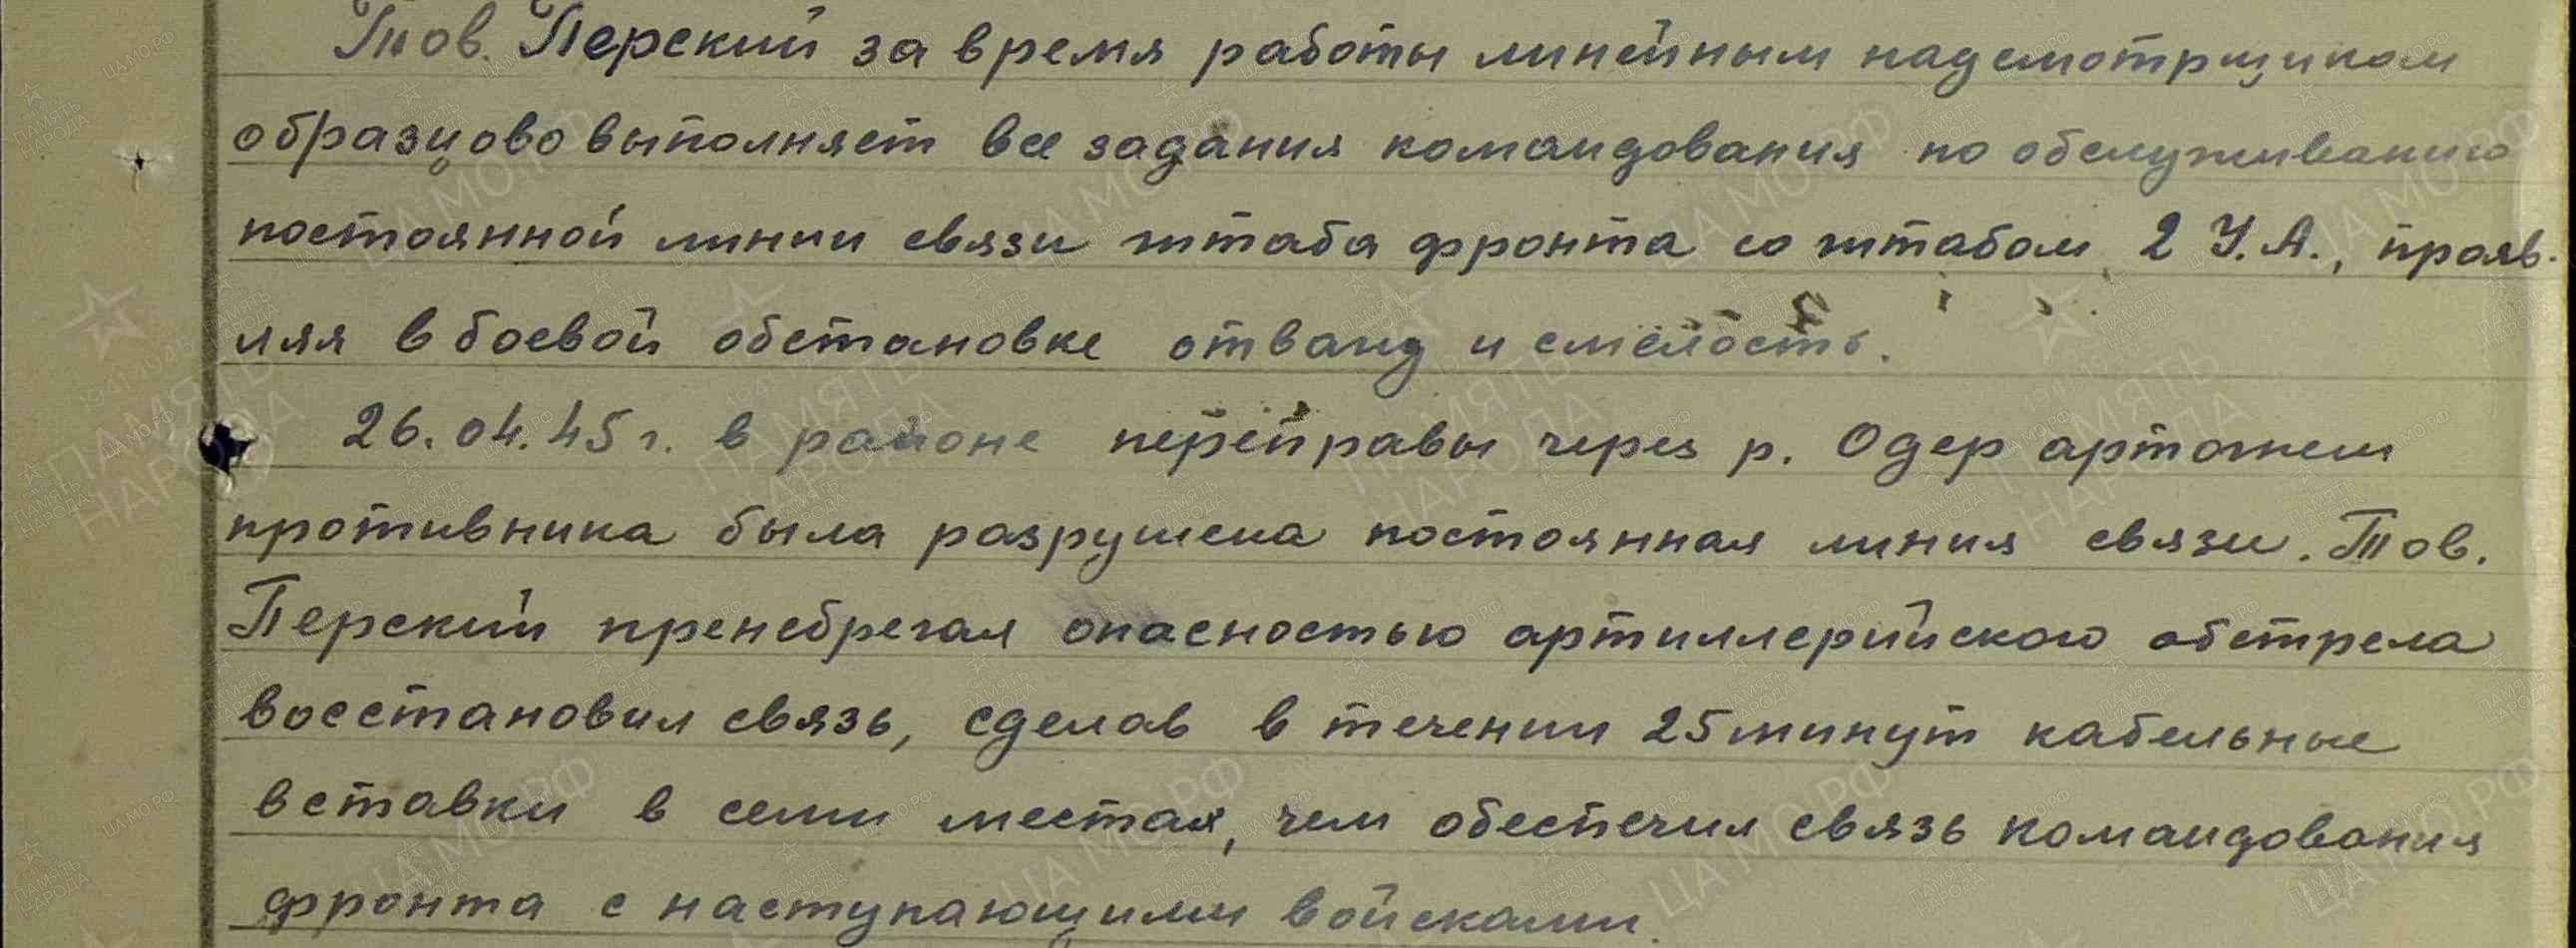 Описание подвига Б.И. Перского из наградного листа